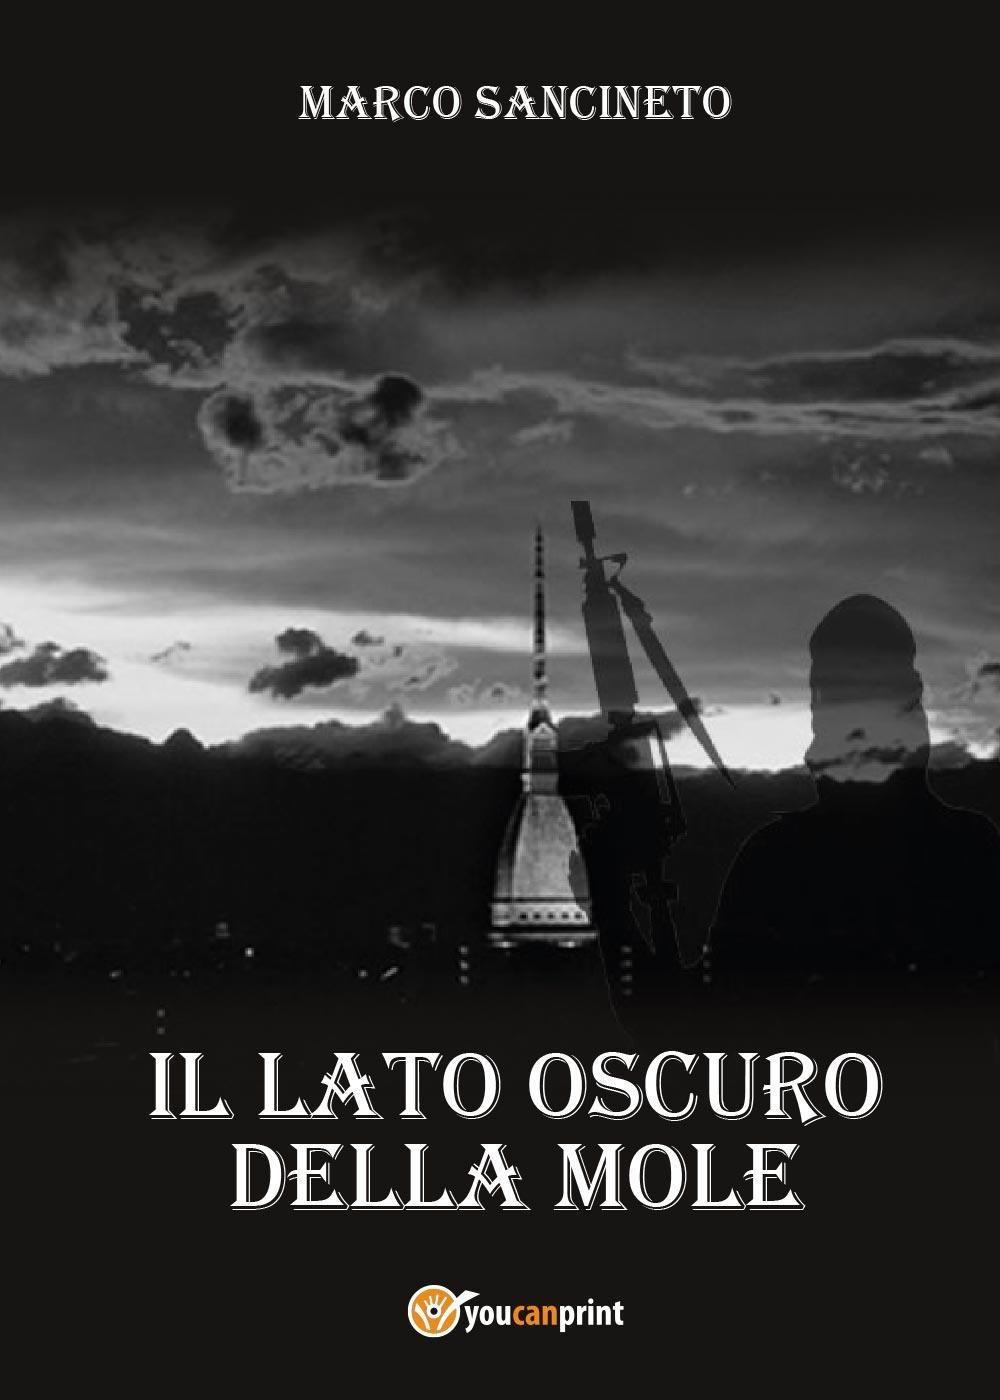 Marco Sancineto - Il lato oscuro della mole - Youcanprint -Il consigLibro - La video recensione